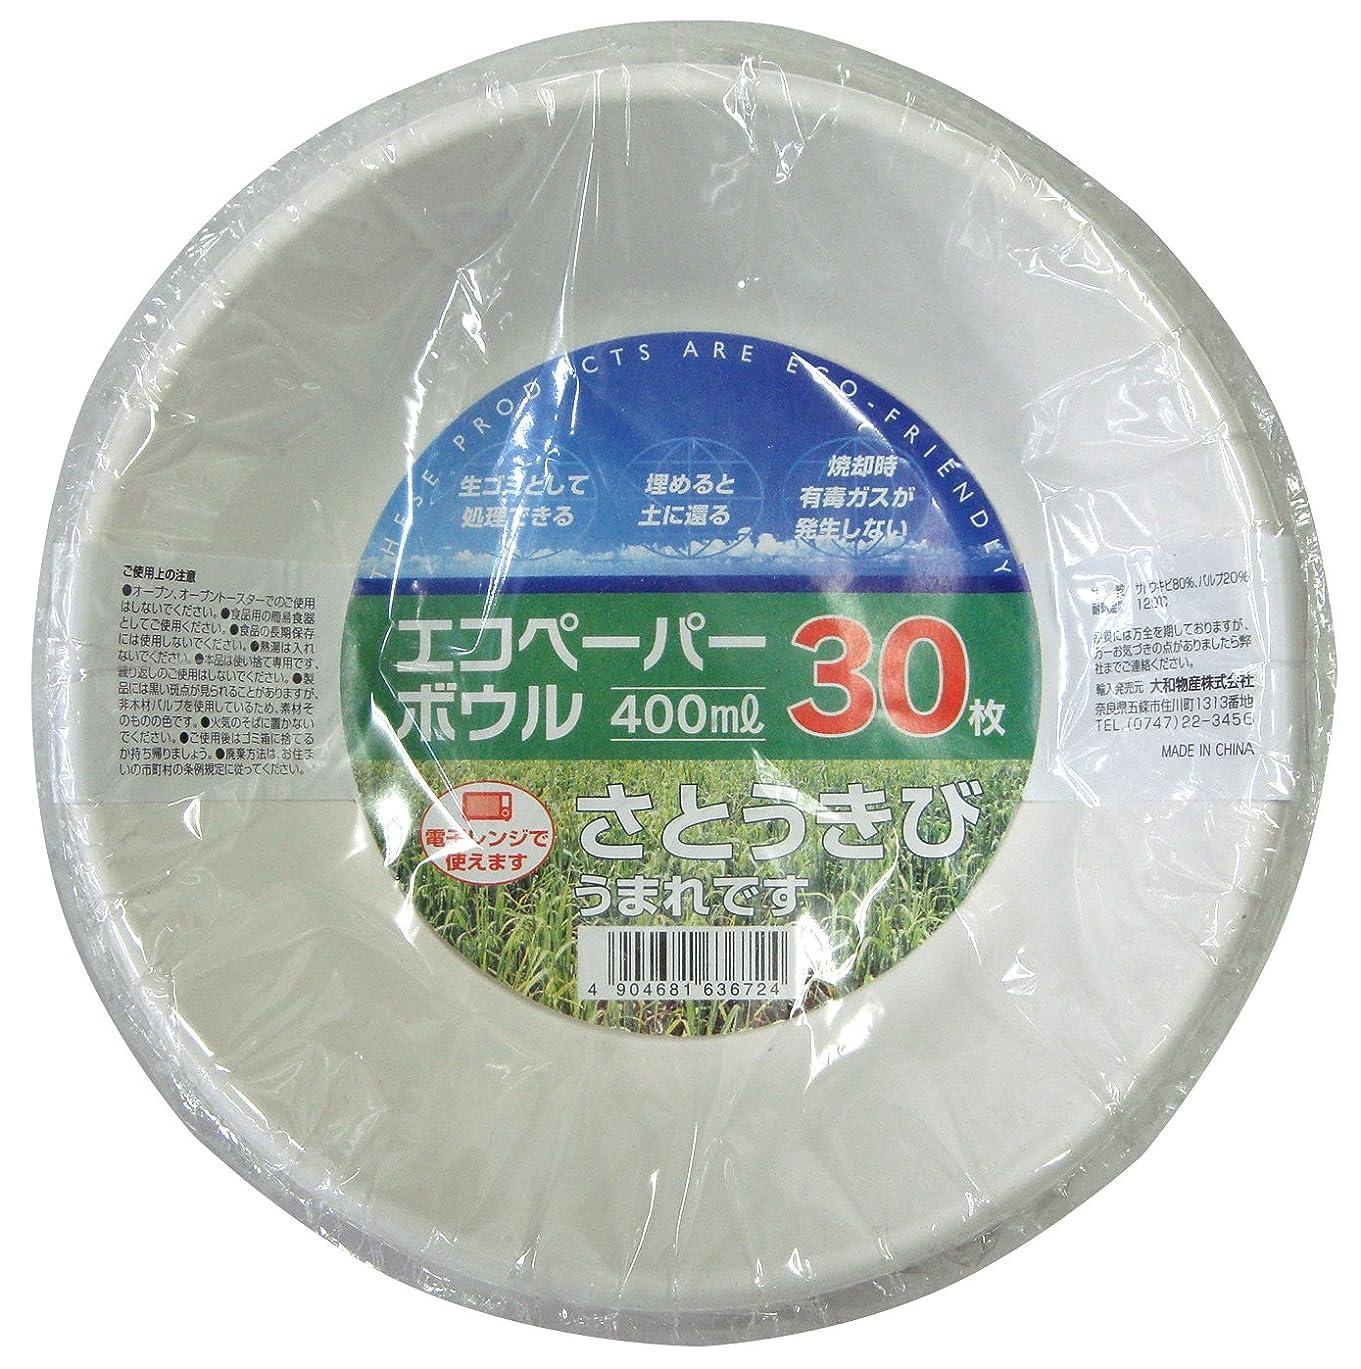 衣類ペナルティメンタル大和物産 紙皿 エコペーパー ボウル 400ml 30枚